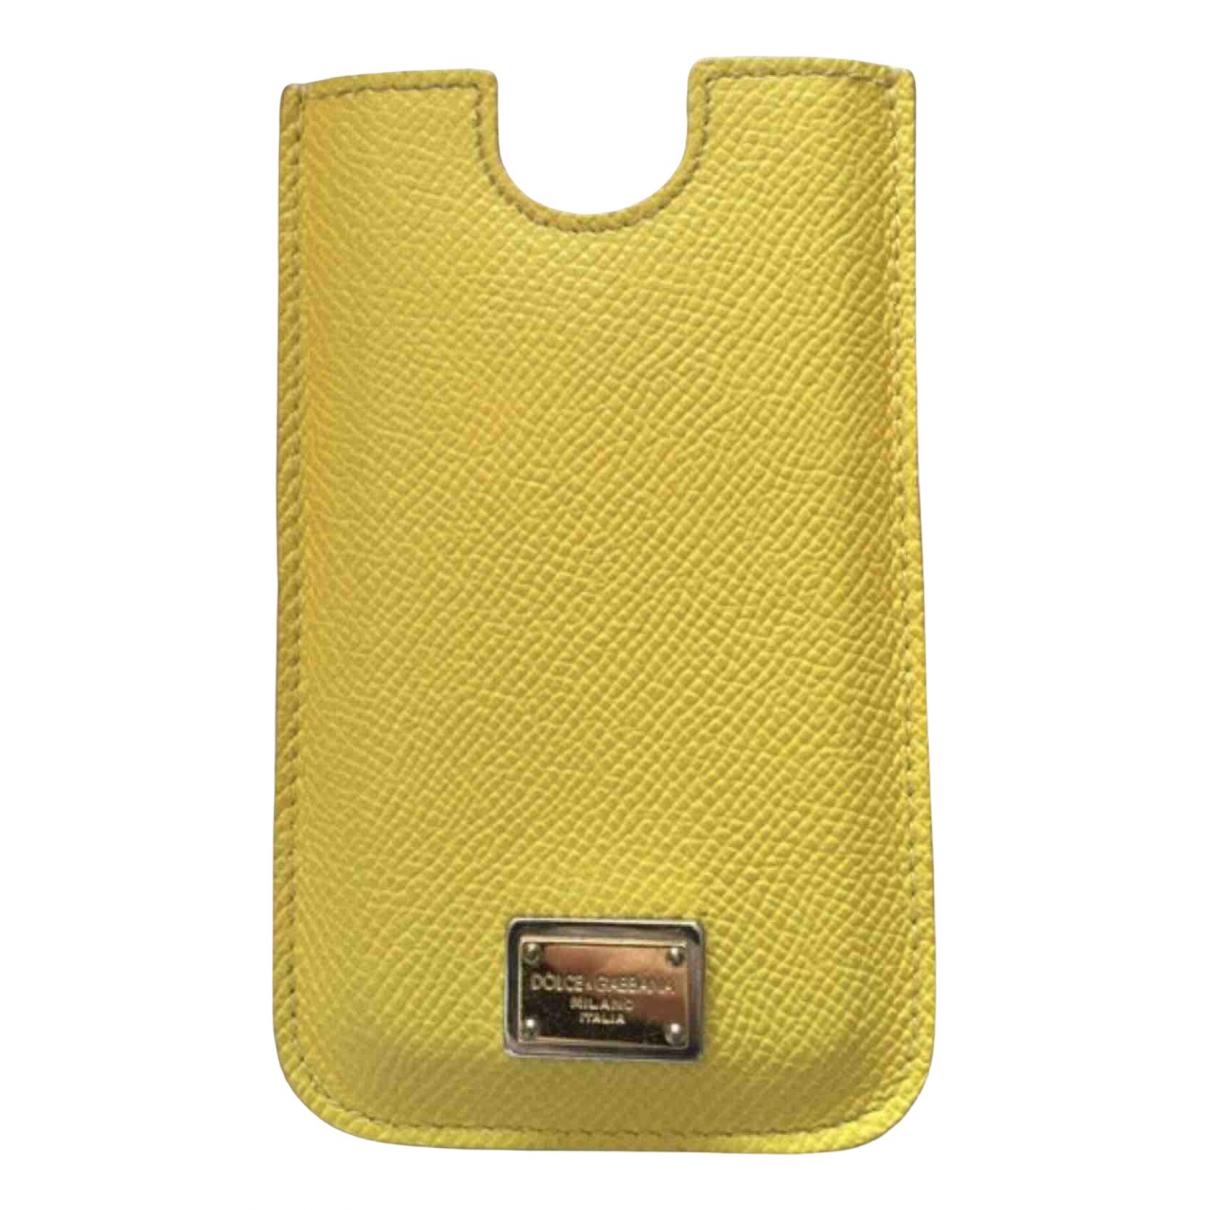 Dolce & Gabbana - Accessoires   pour lifestyle en cuir - jaune